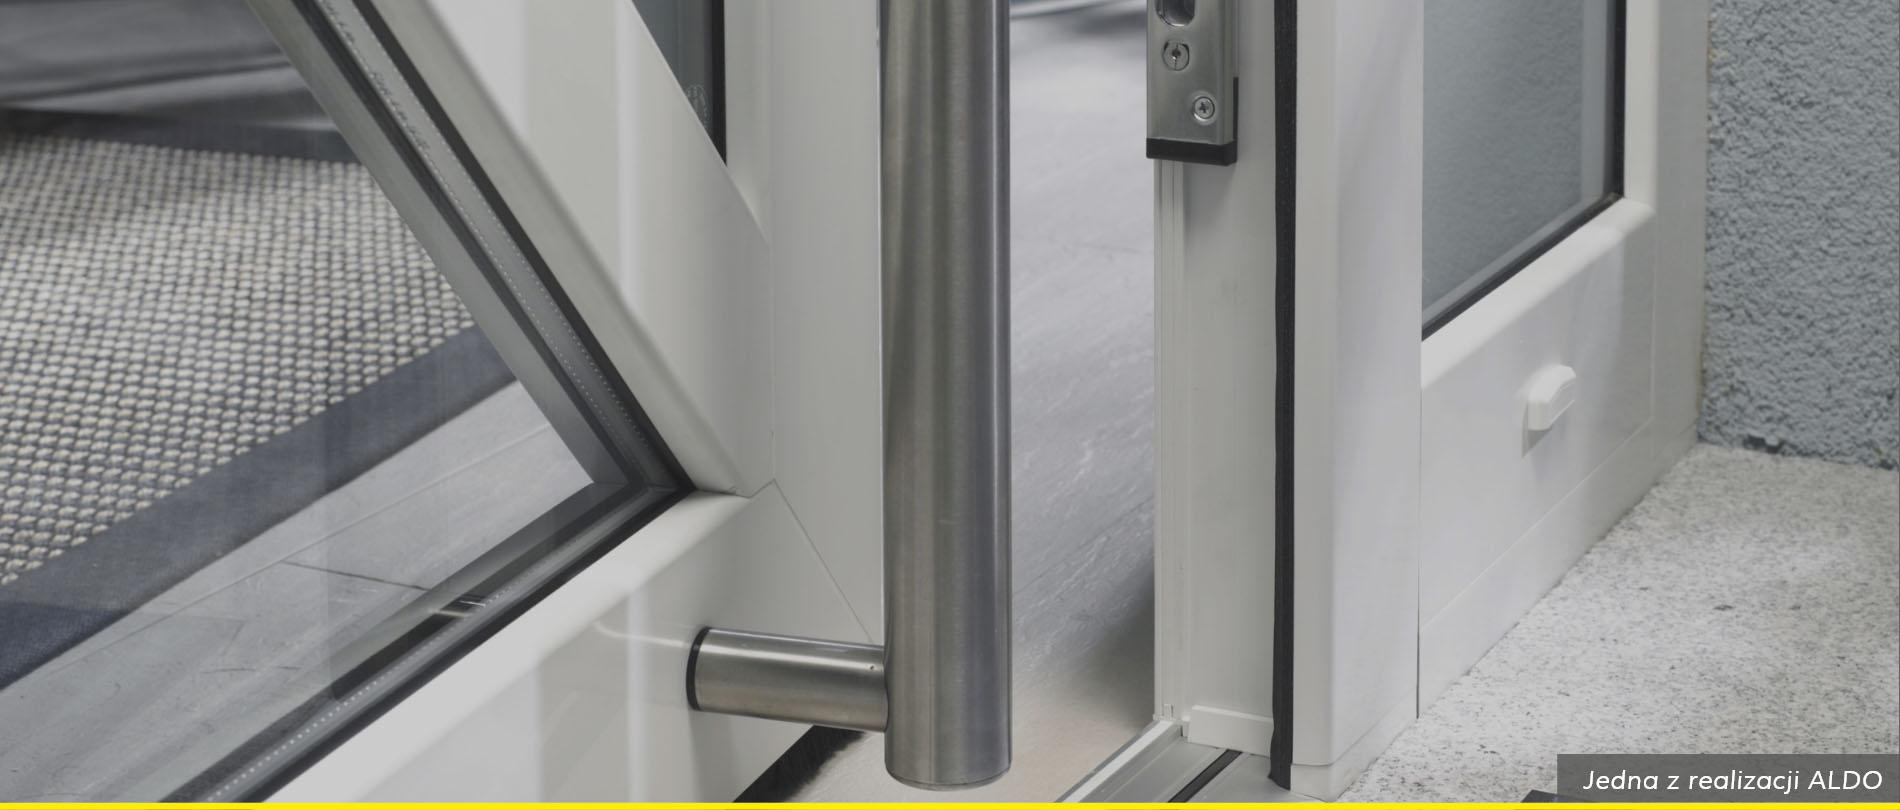 Bezpieczne drzwi